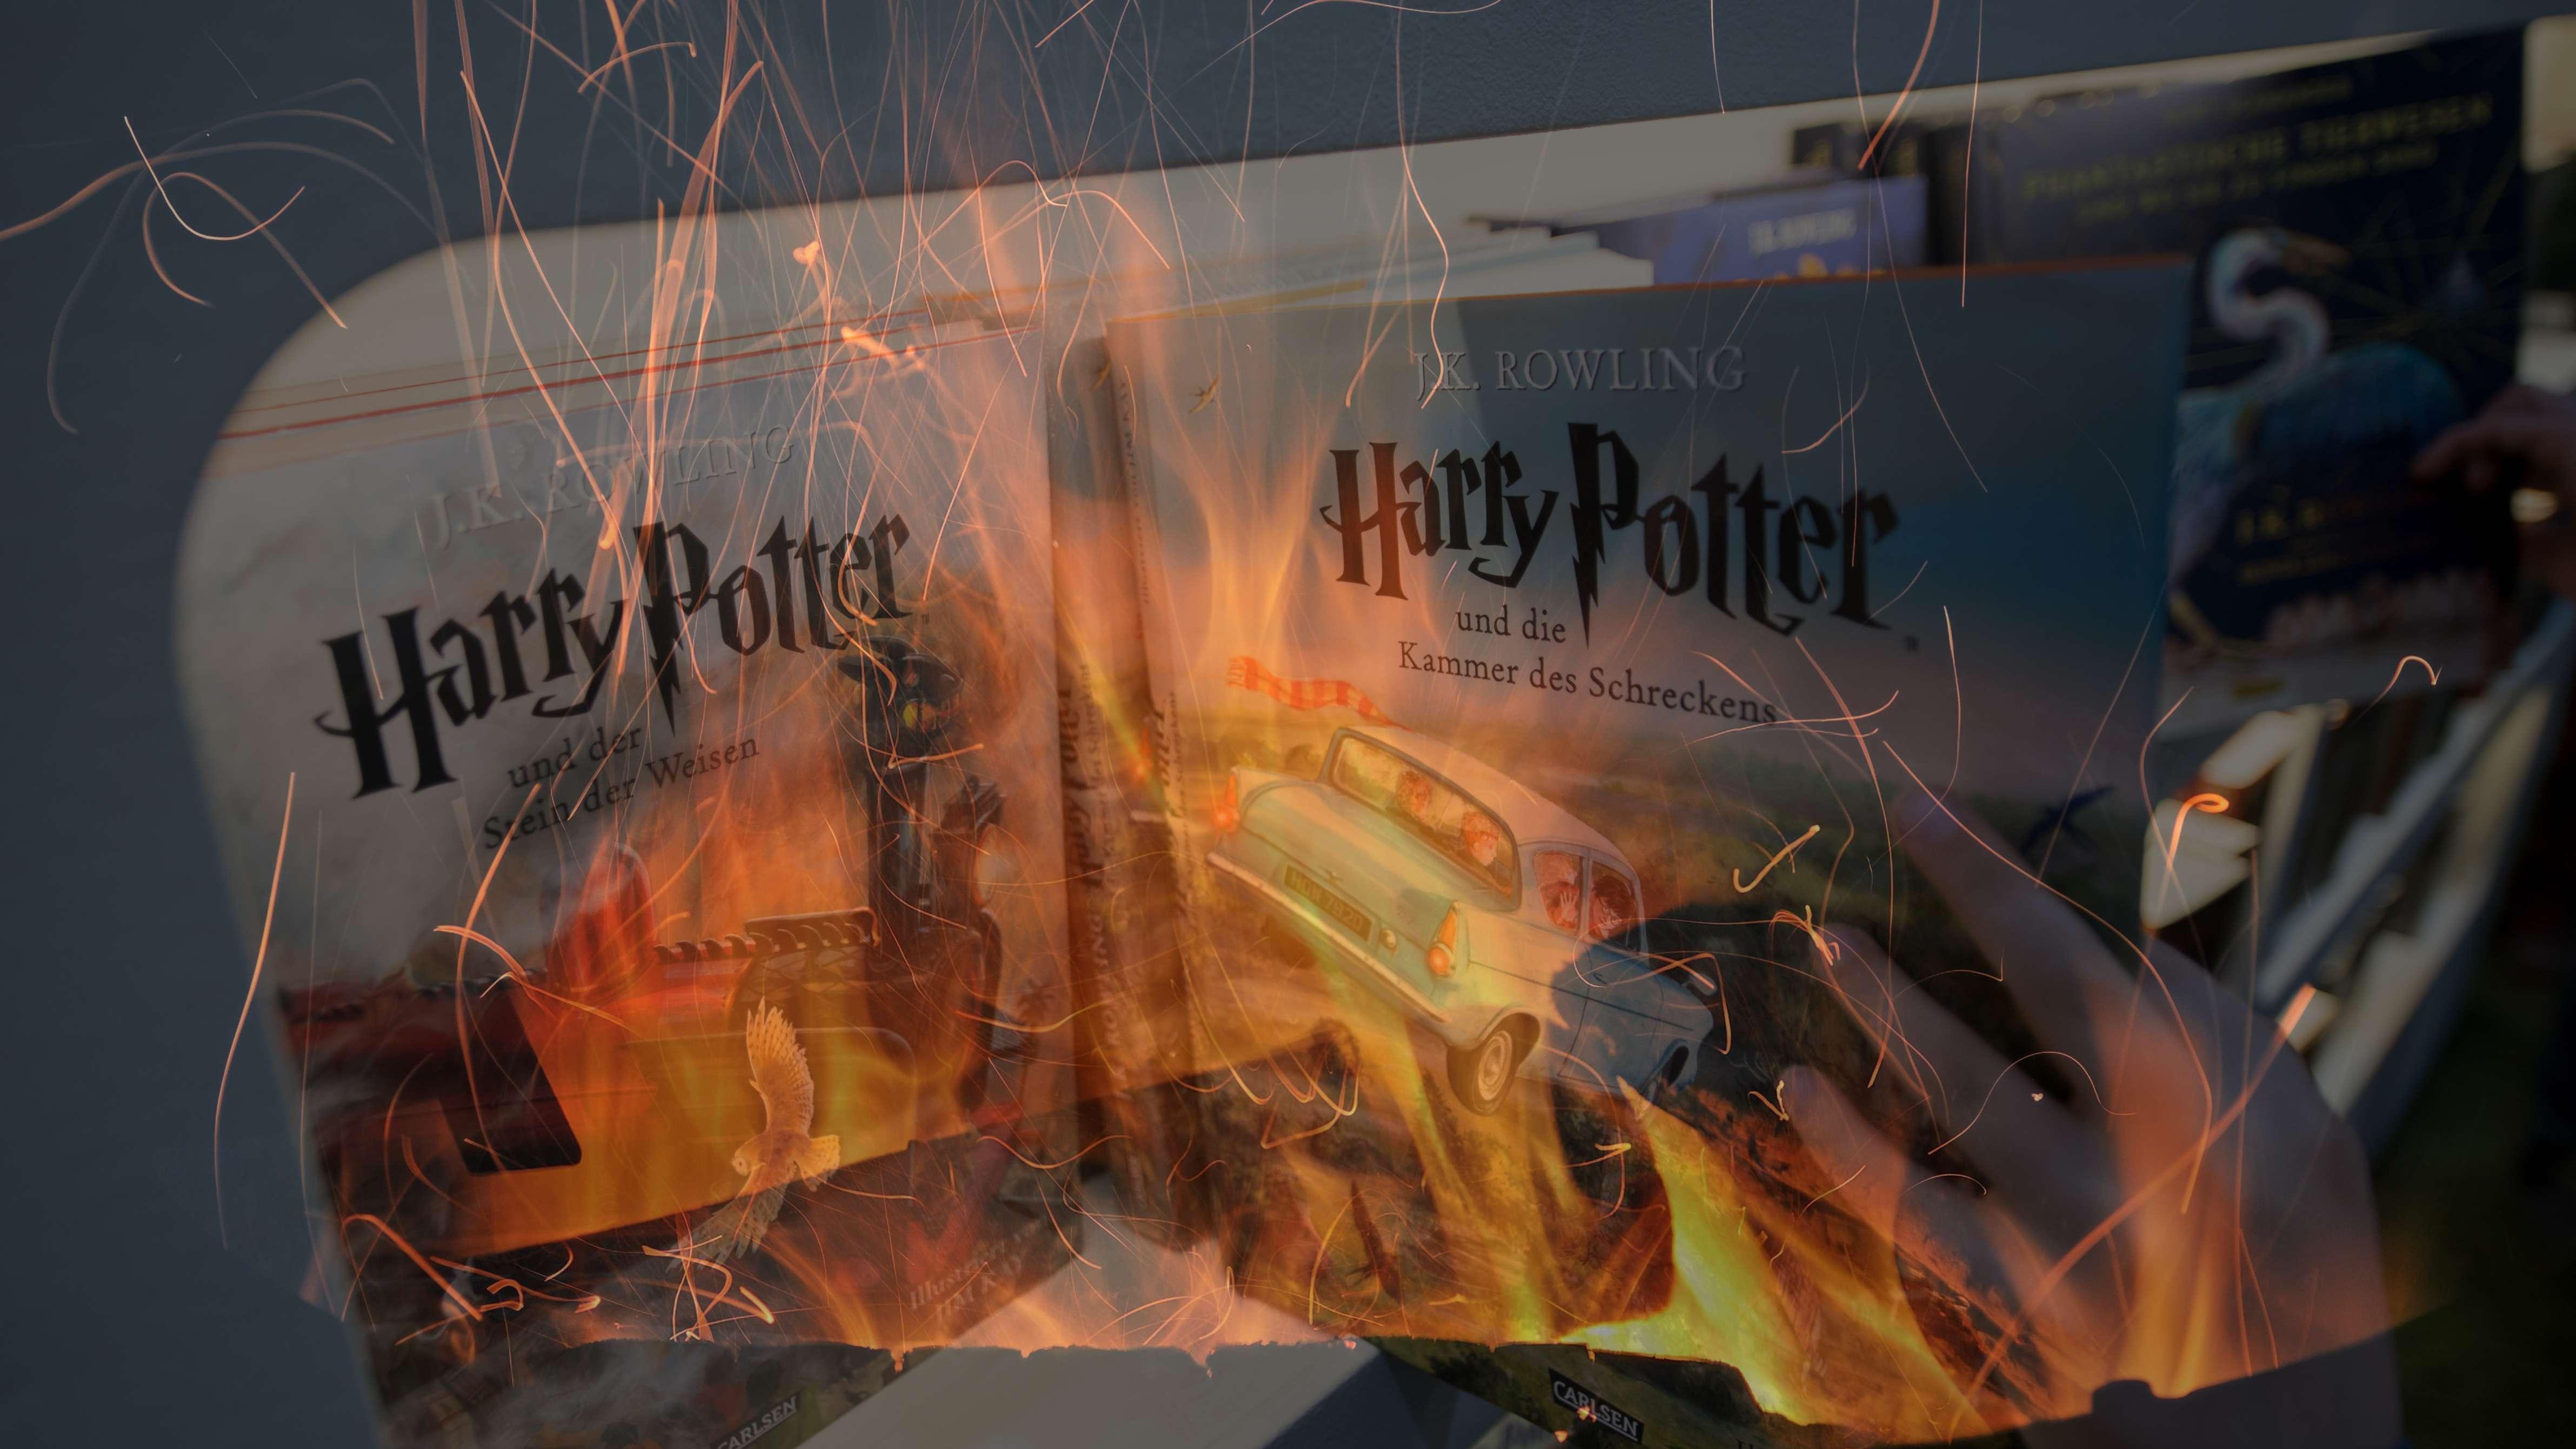 Harry-Potter-Buch im Feuer